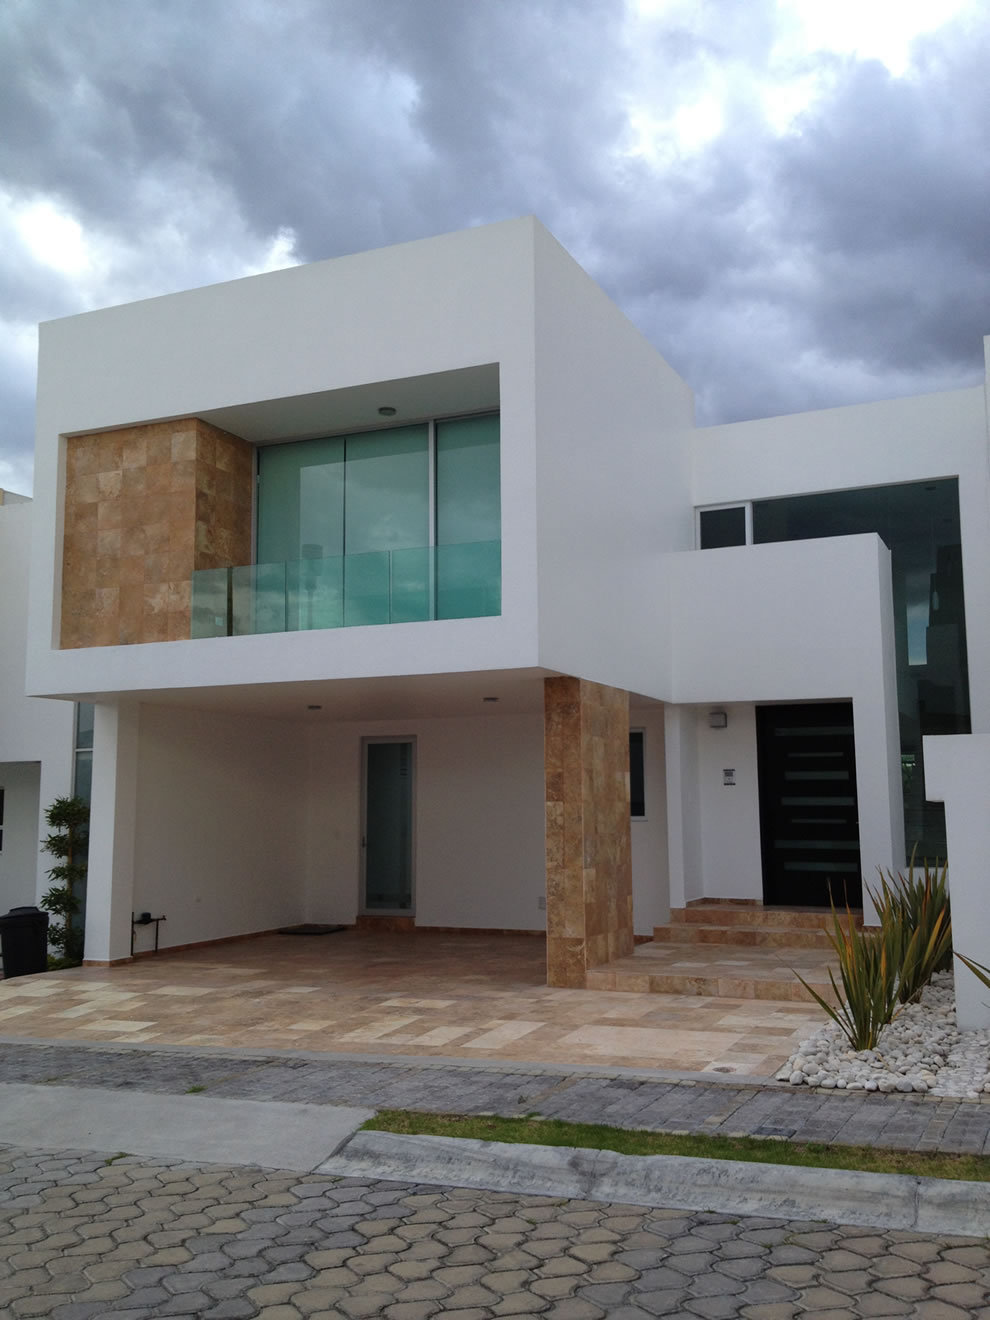 Isr para compraventa de casas en puebla casas en venta - Venta casas pueblo baratas ...